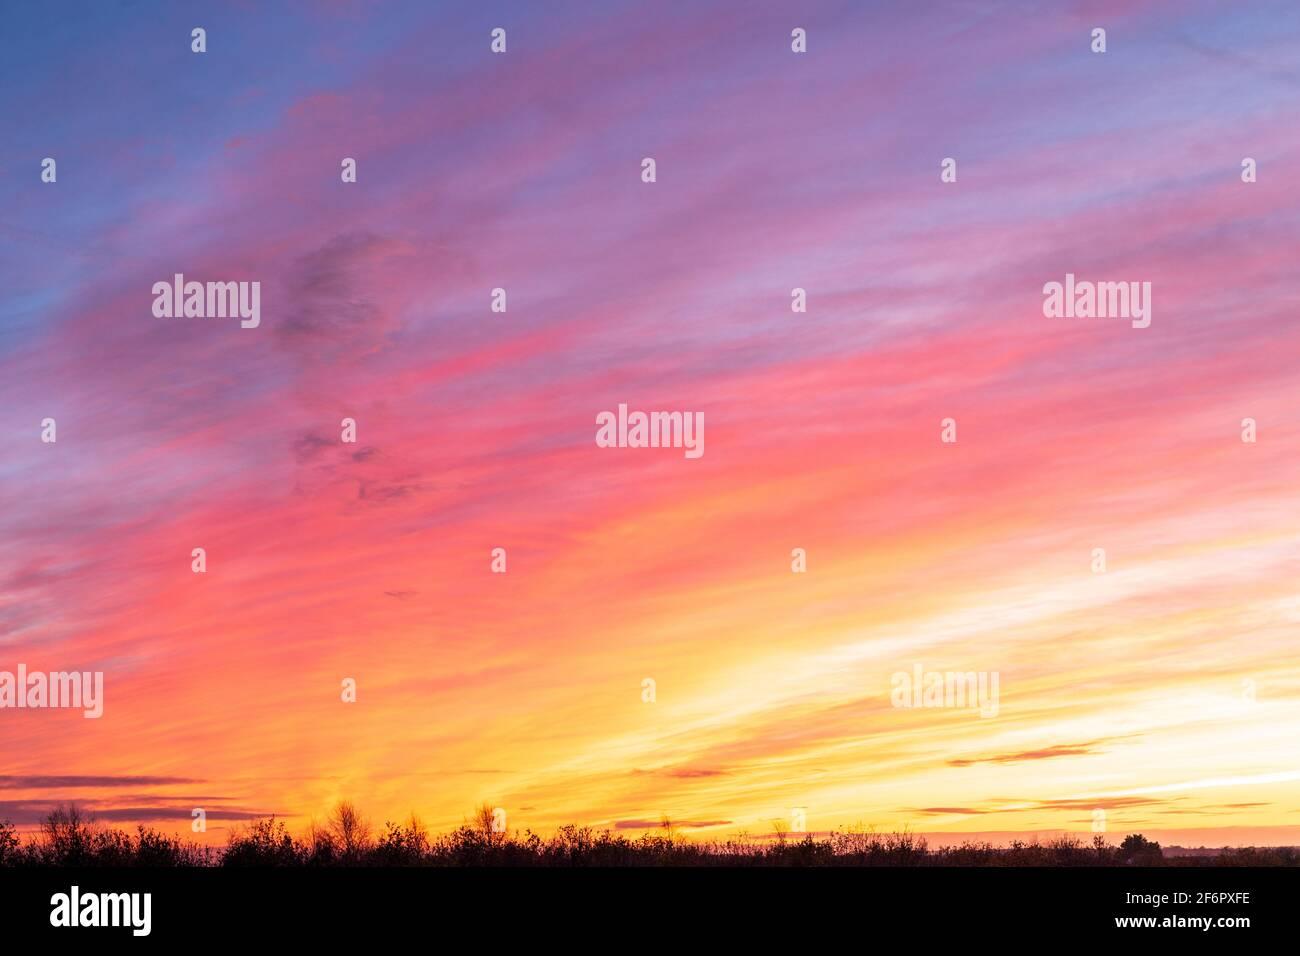 Cielo colorido al amanecer, primera luz en un día invernal en Kent. Horizonte plano bajo en el marco con la visualización de colores en el cielo por encima de antes de la salida del sol. Foto de stock